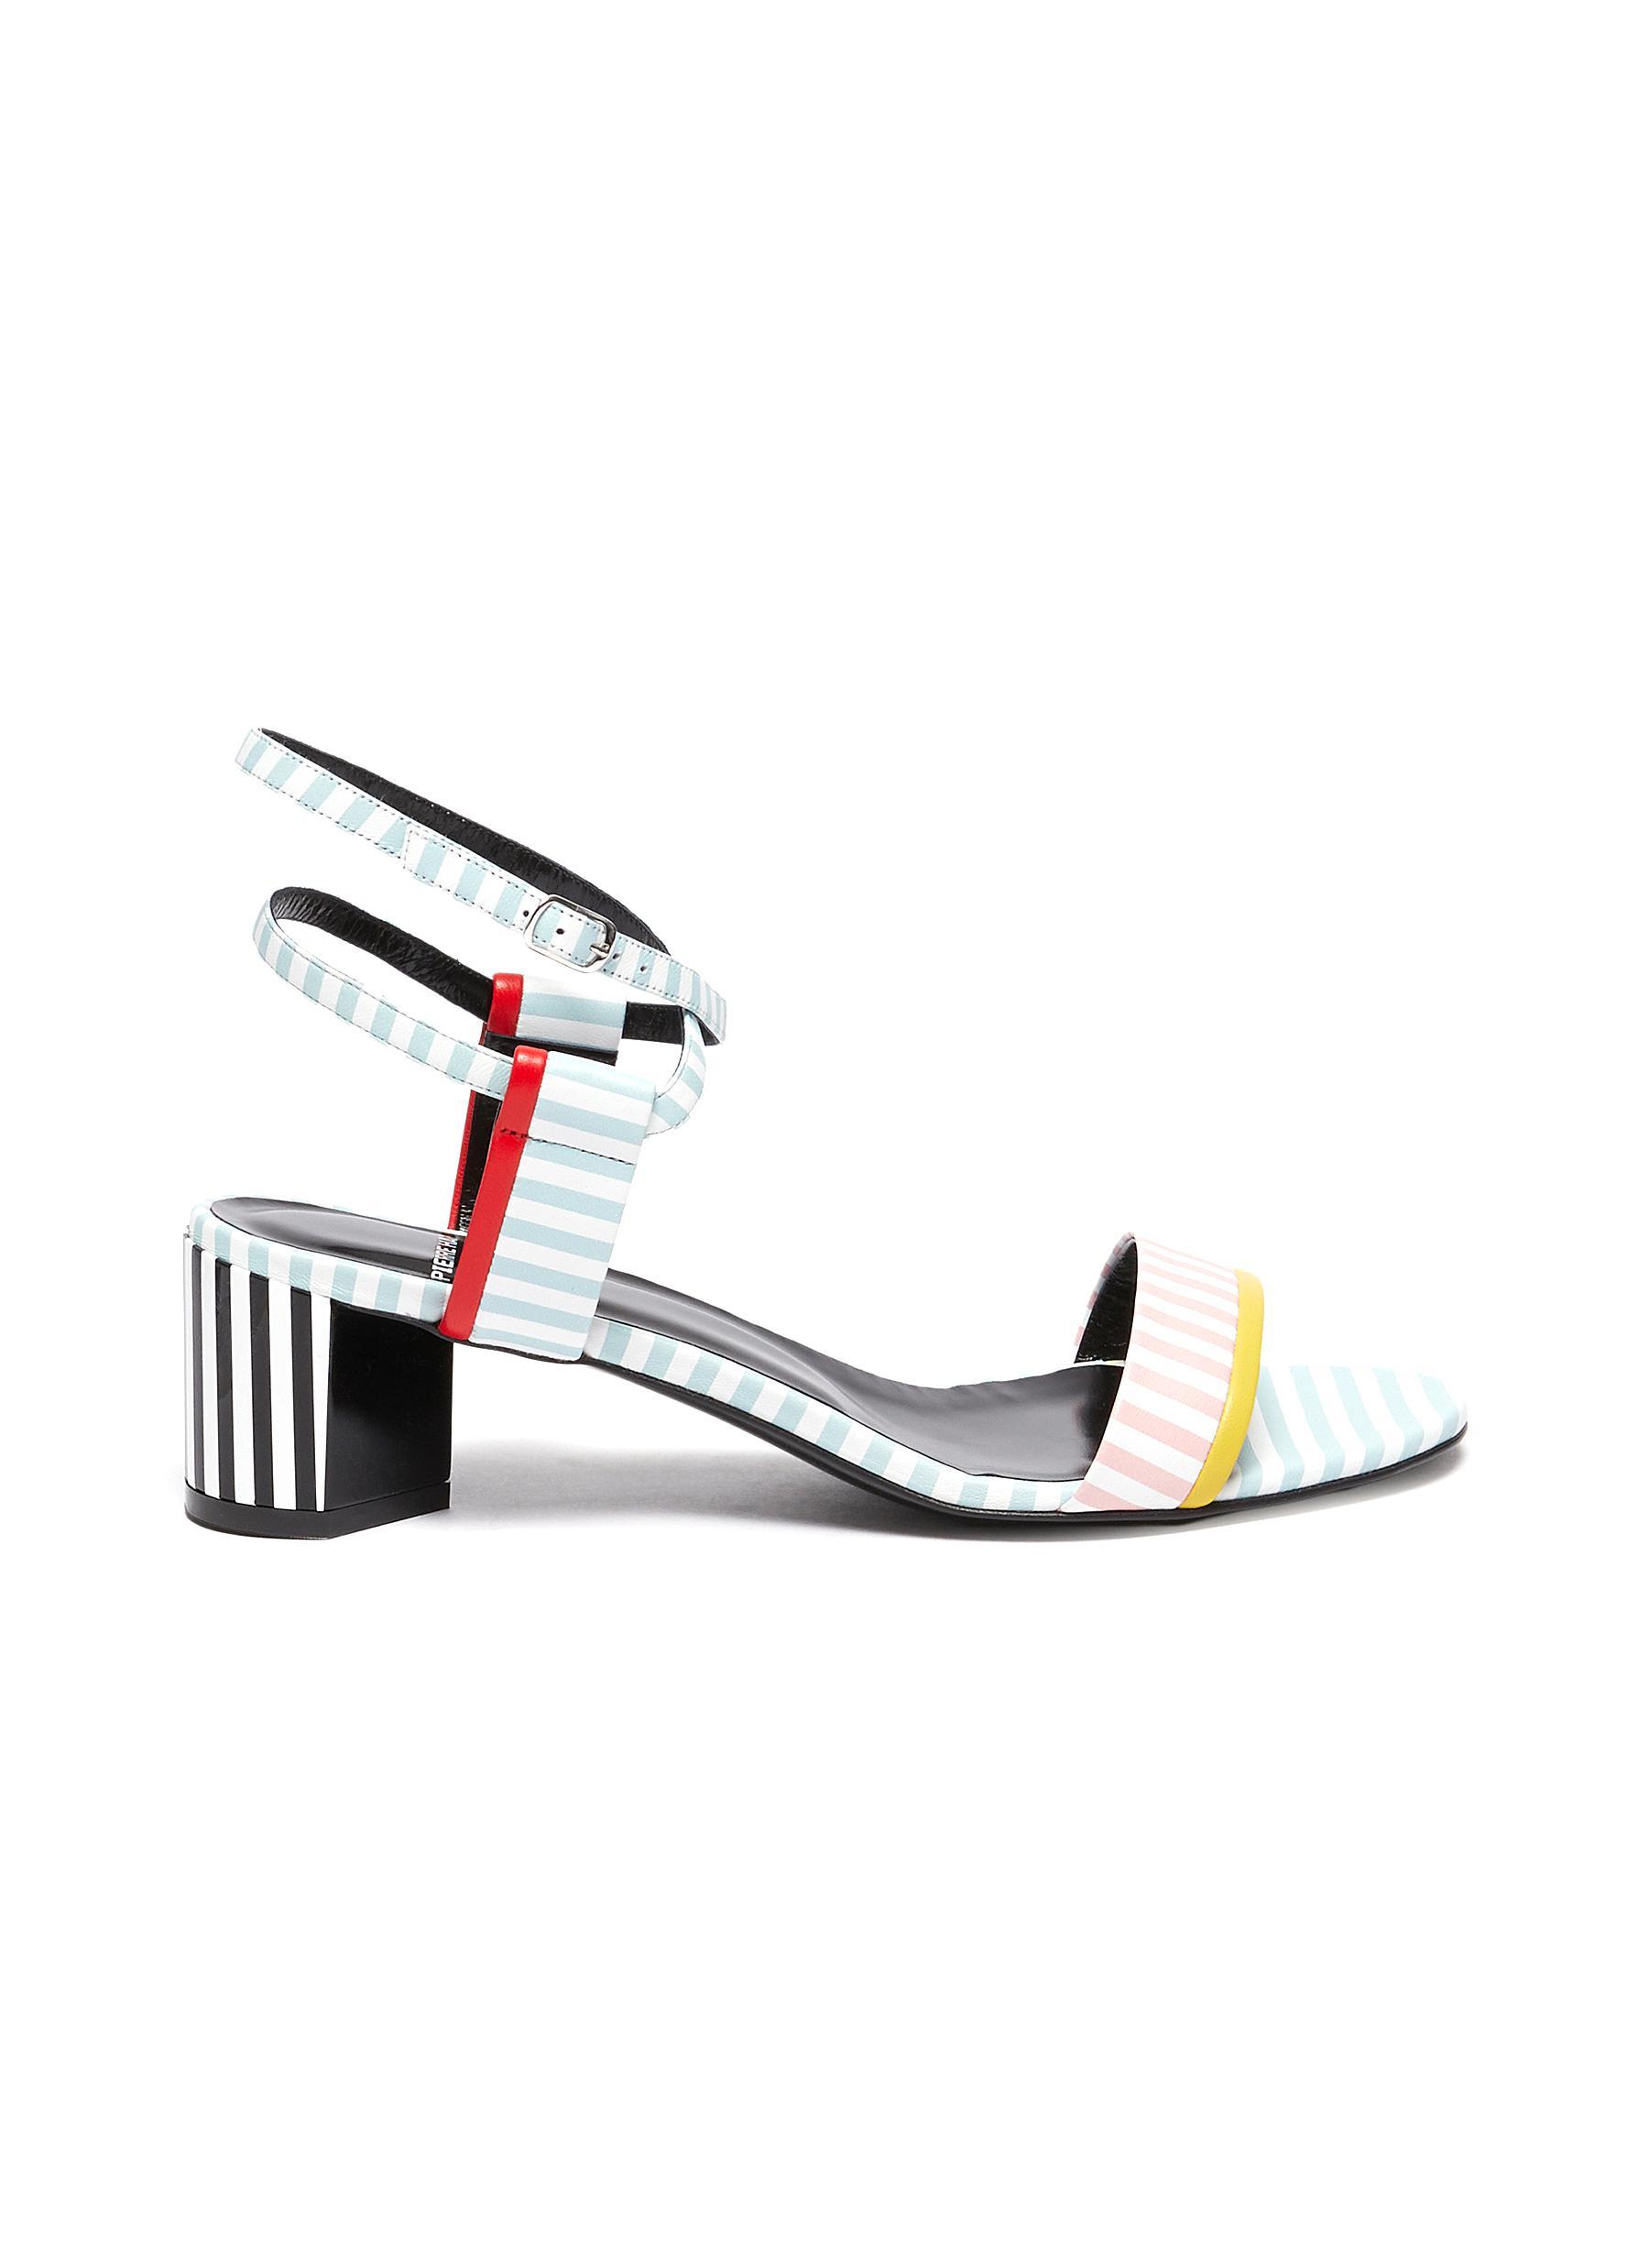 Pastel stripe leather sandals - PIERRE HARDY - Modalova